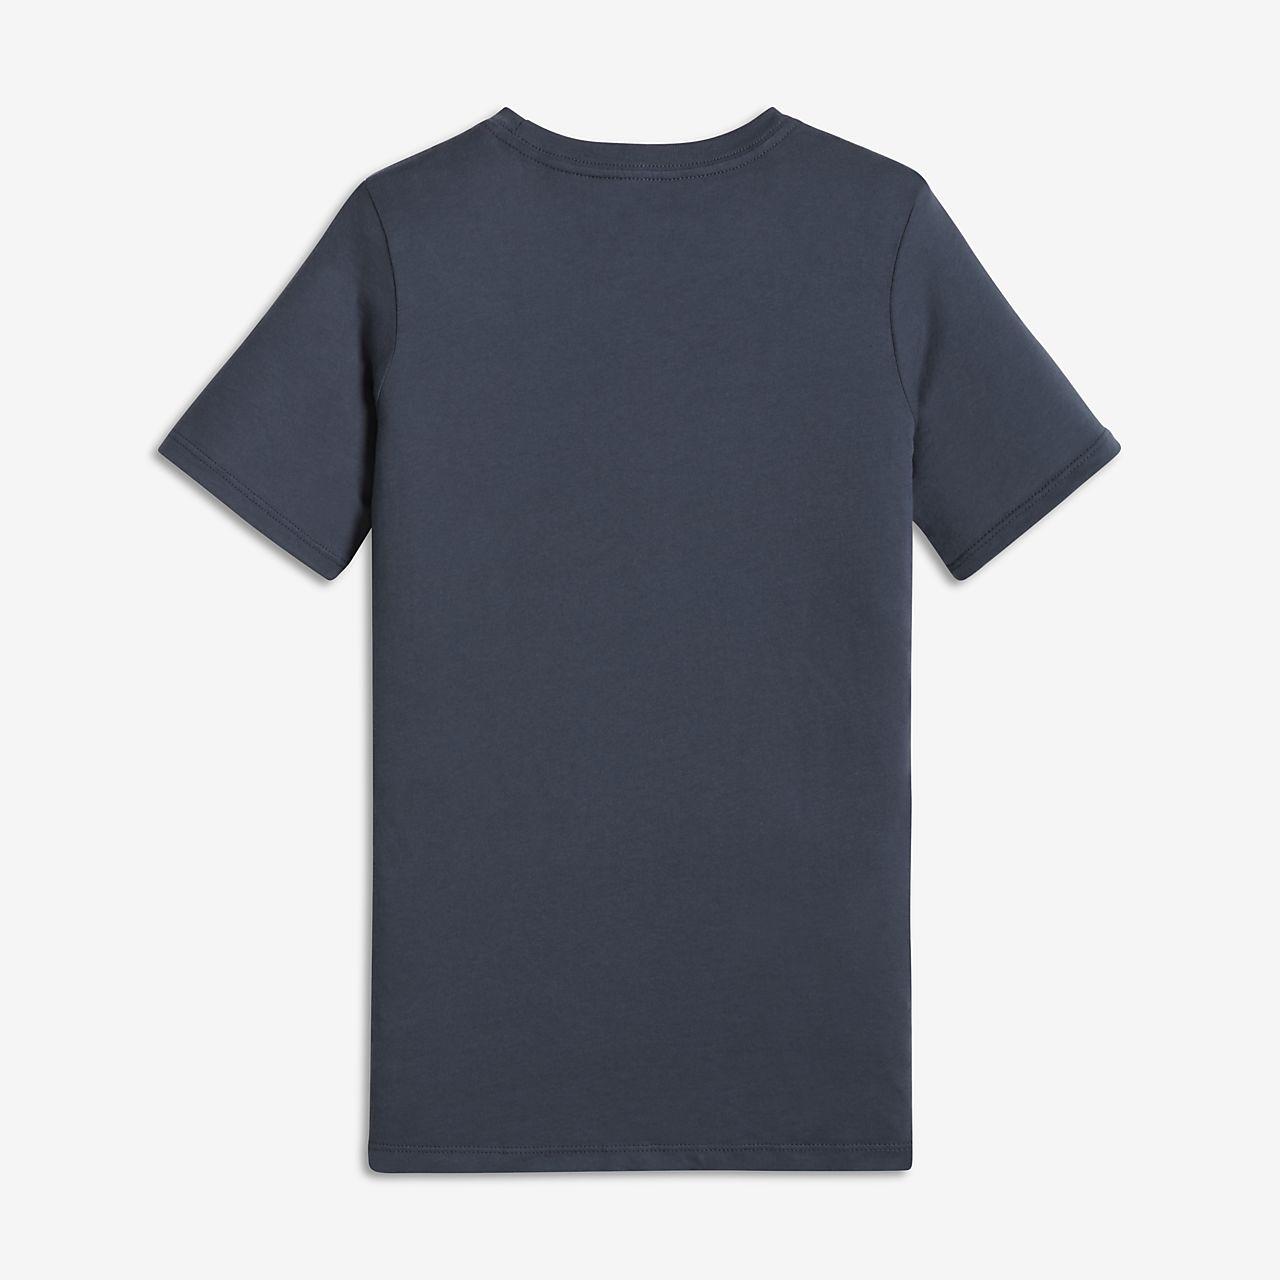 tee shirt nike inter milan